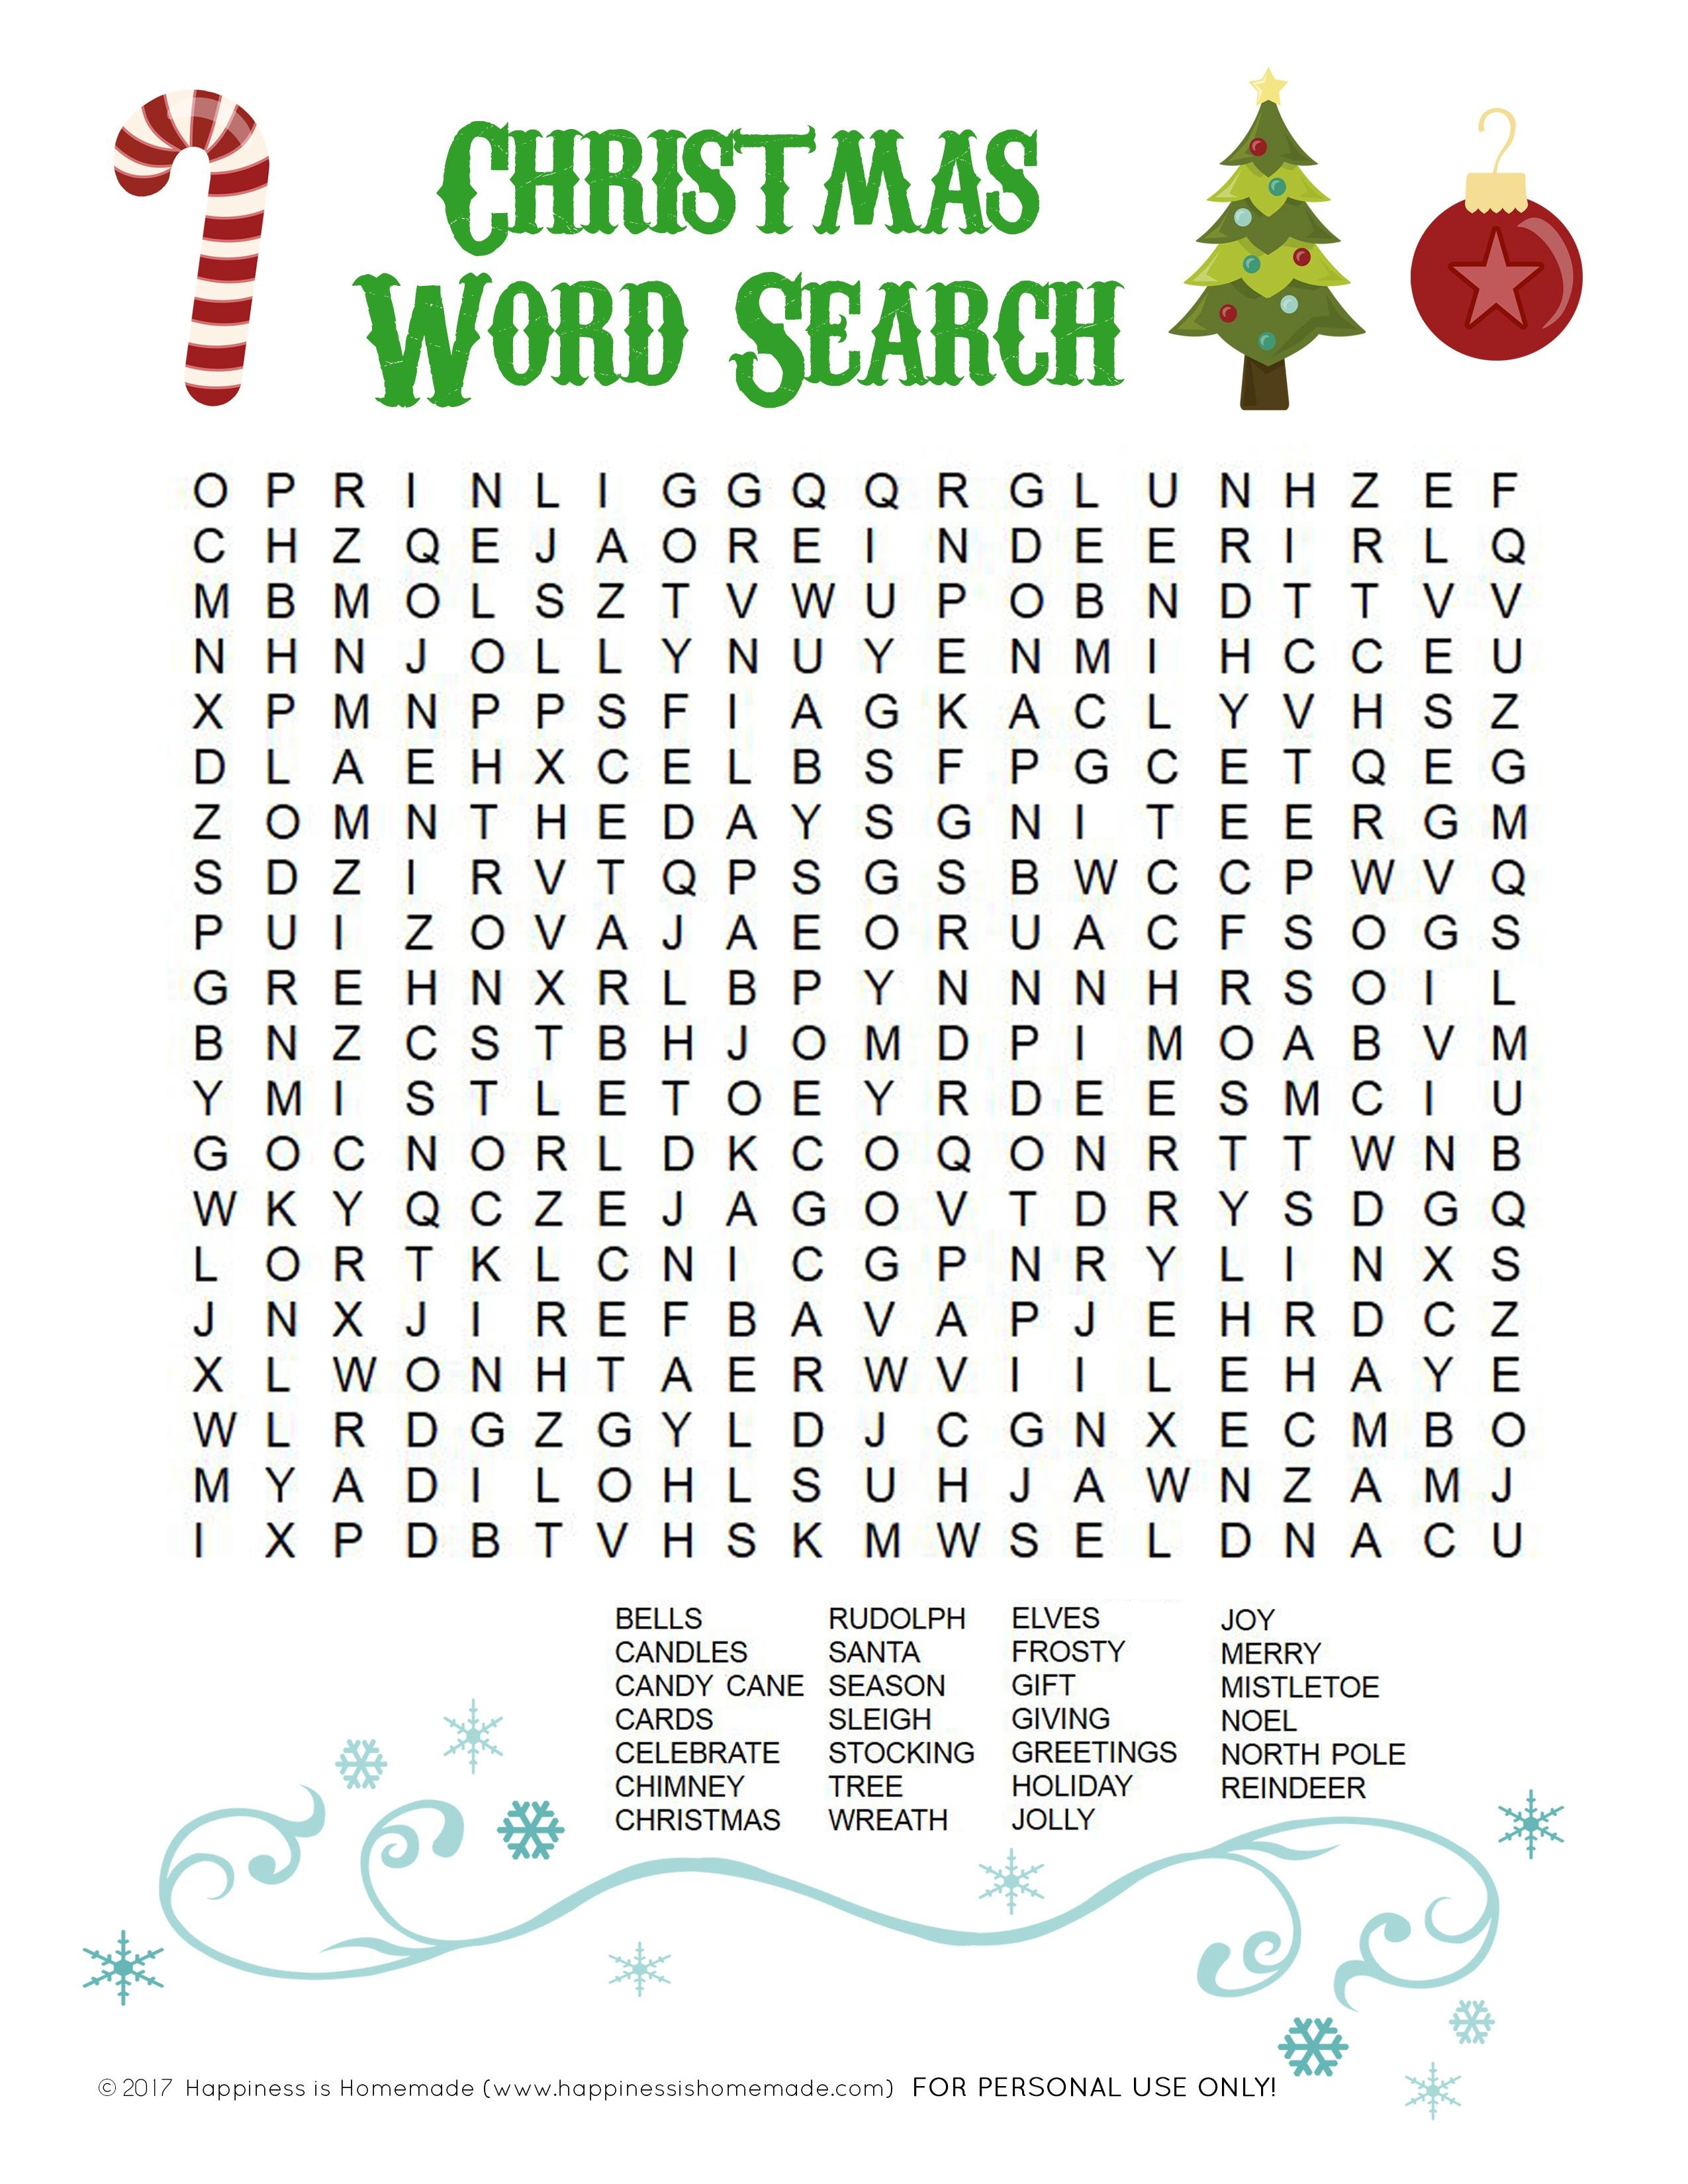 Printable Christmas Word Search For Kids & Adults - Happiness Is - Free Printable Christmas Word Search